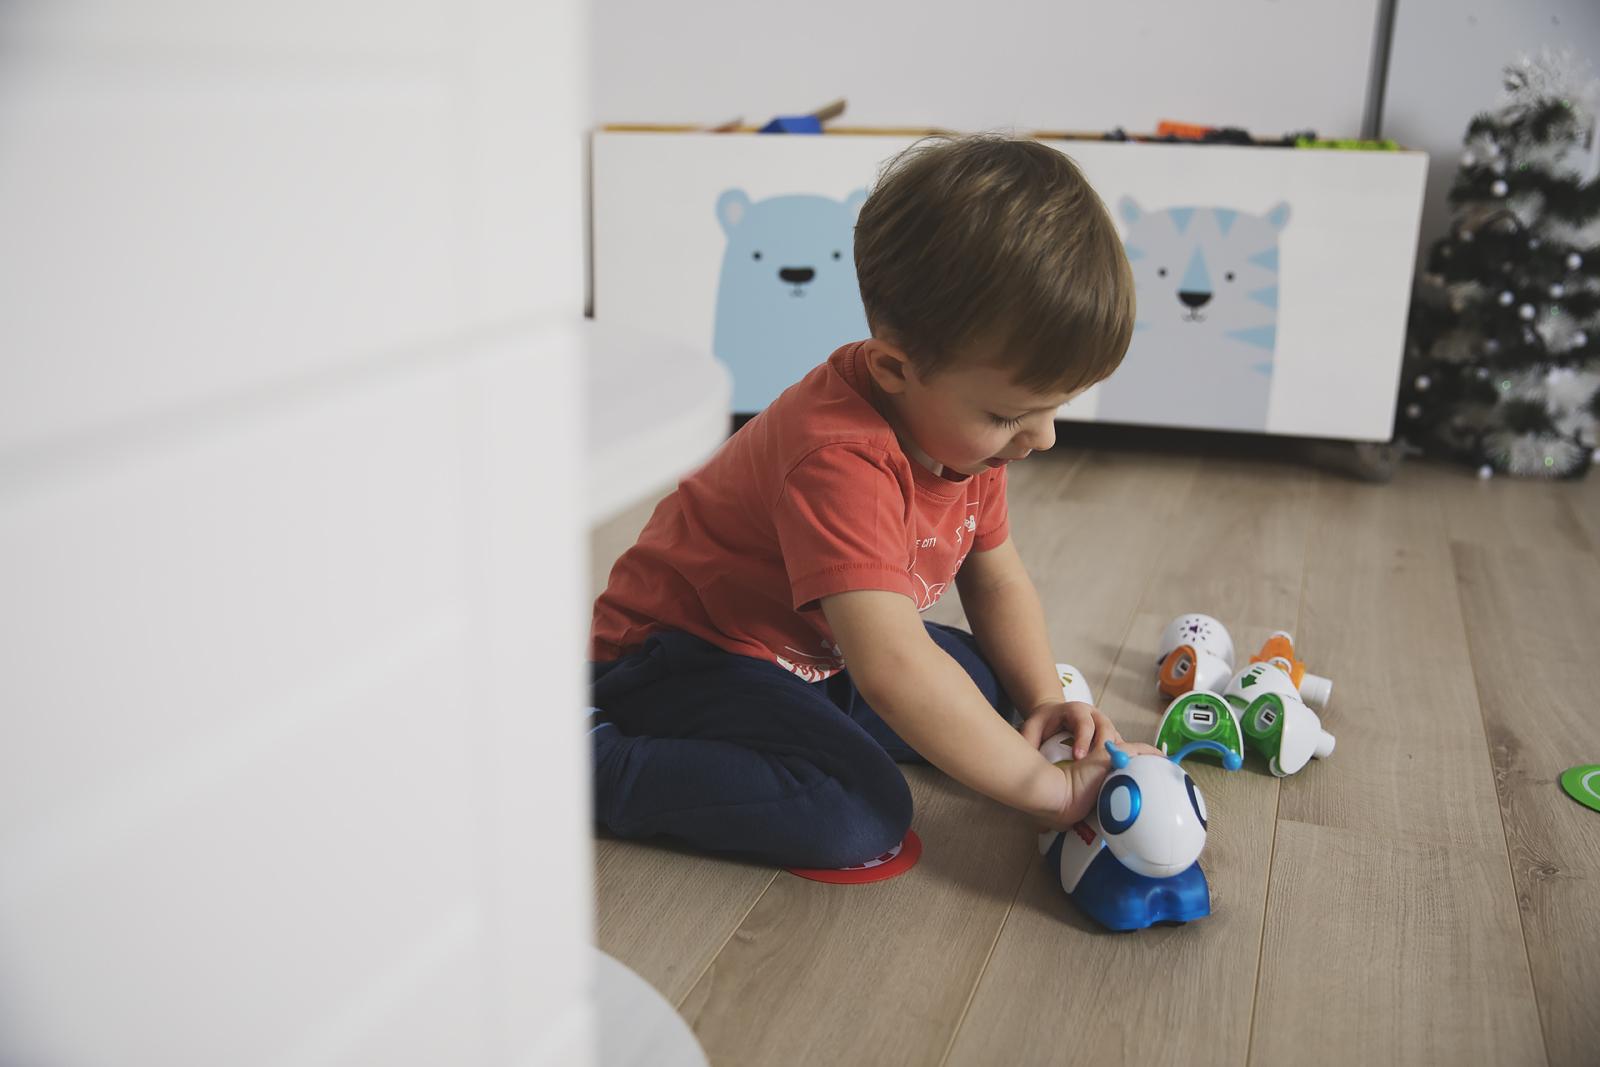 fisher-price-gasienica-programowanie-zabawka-blog-29